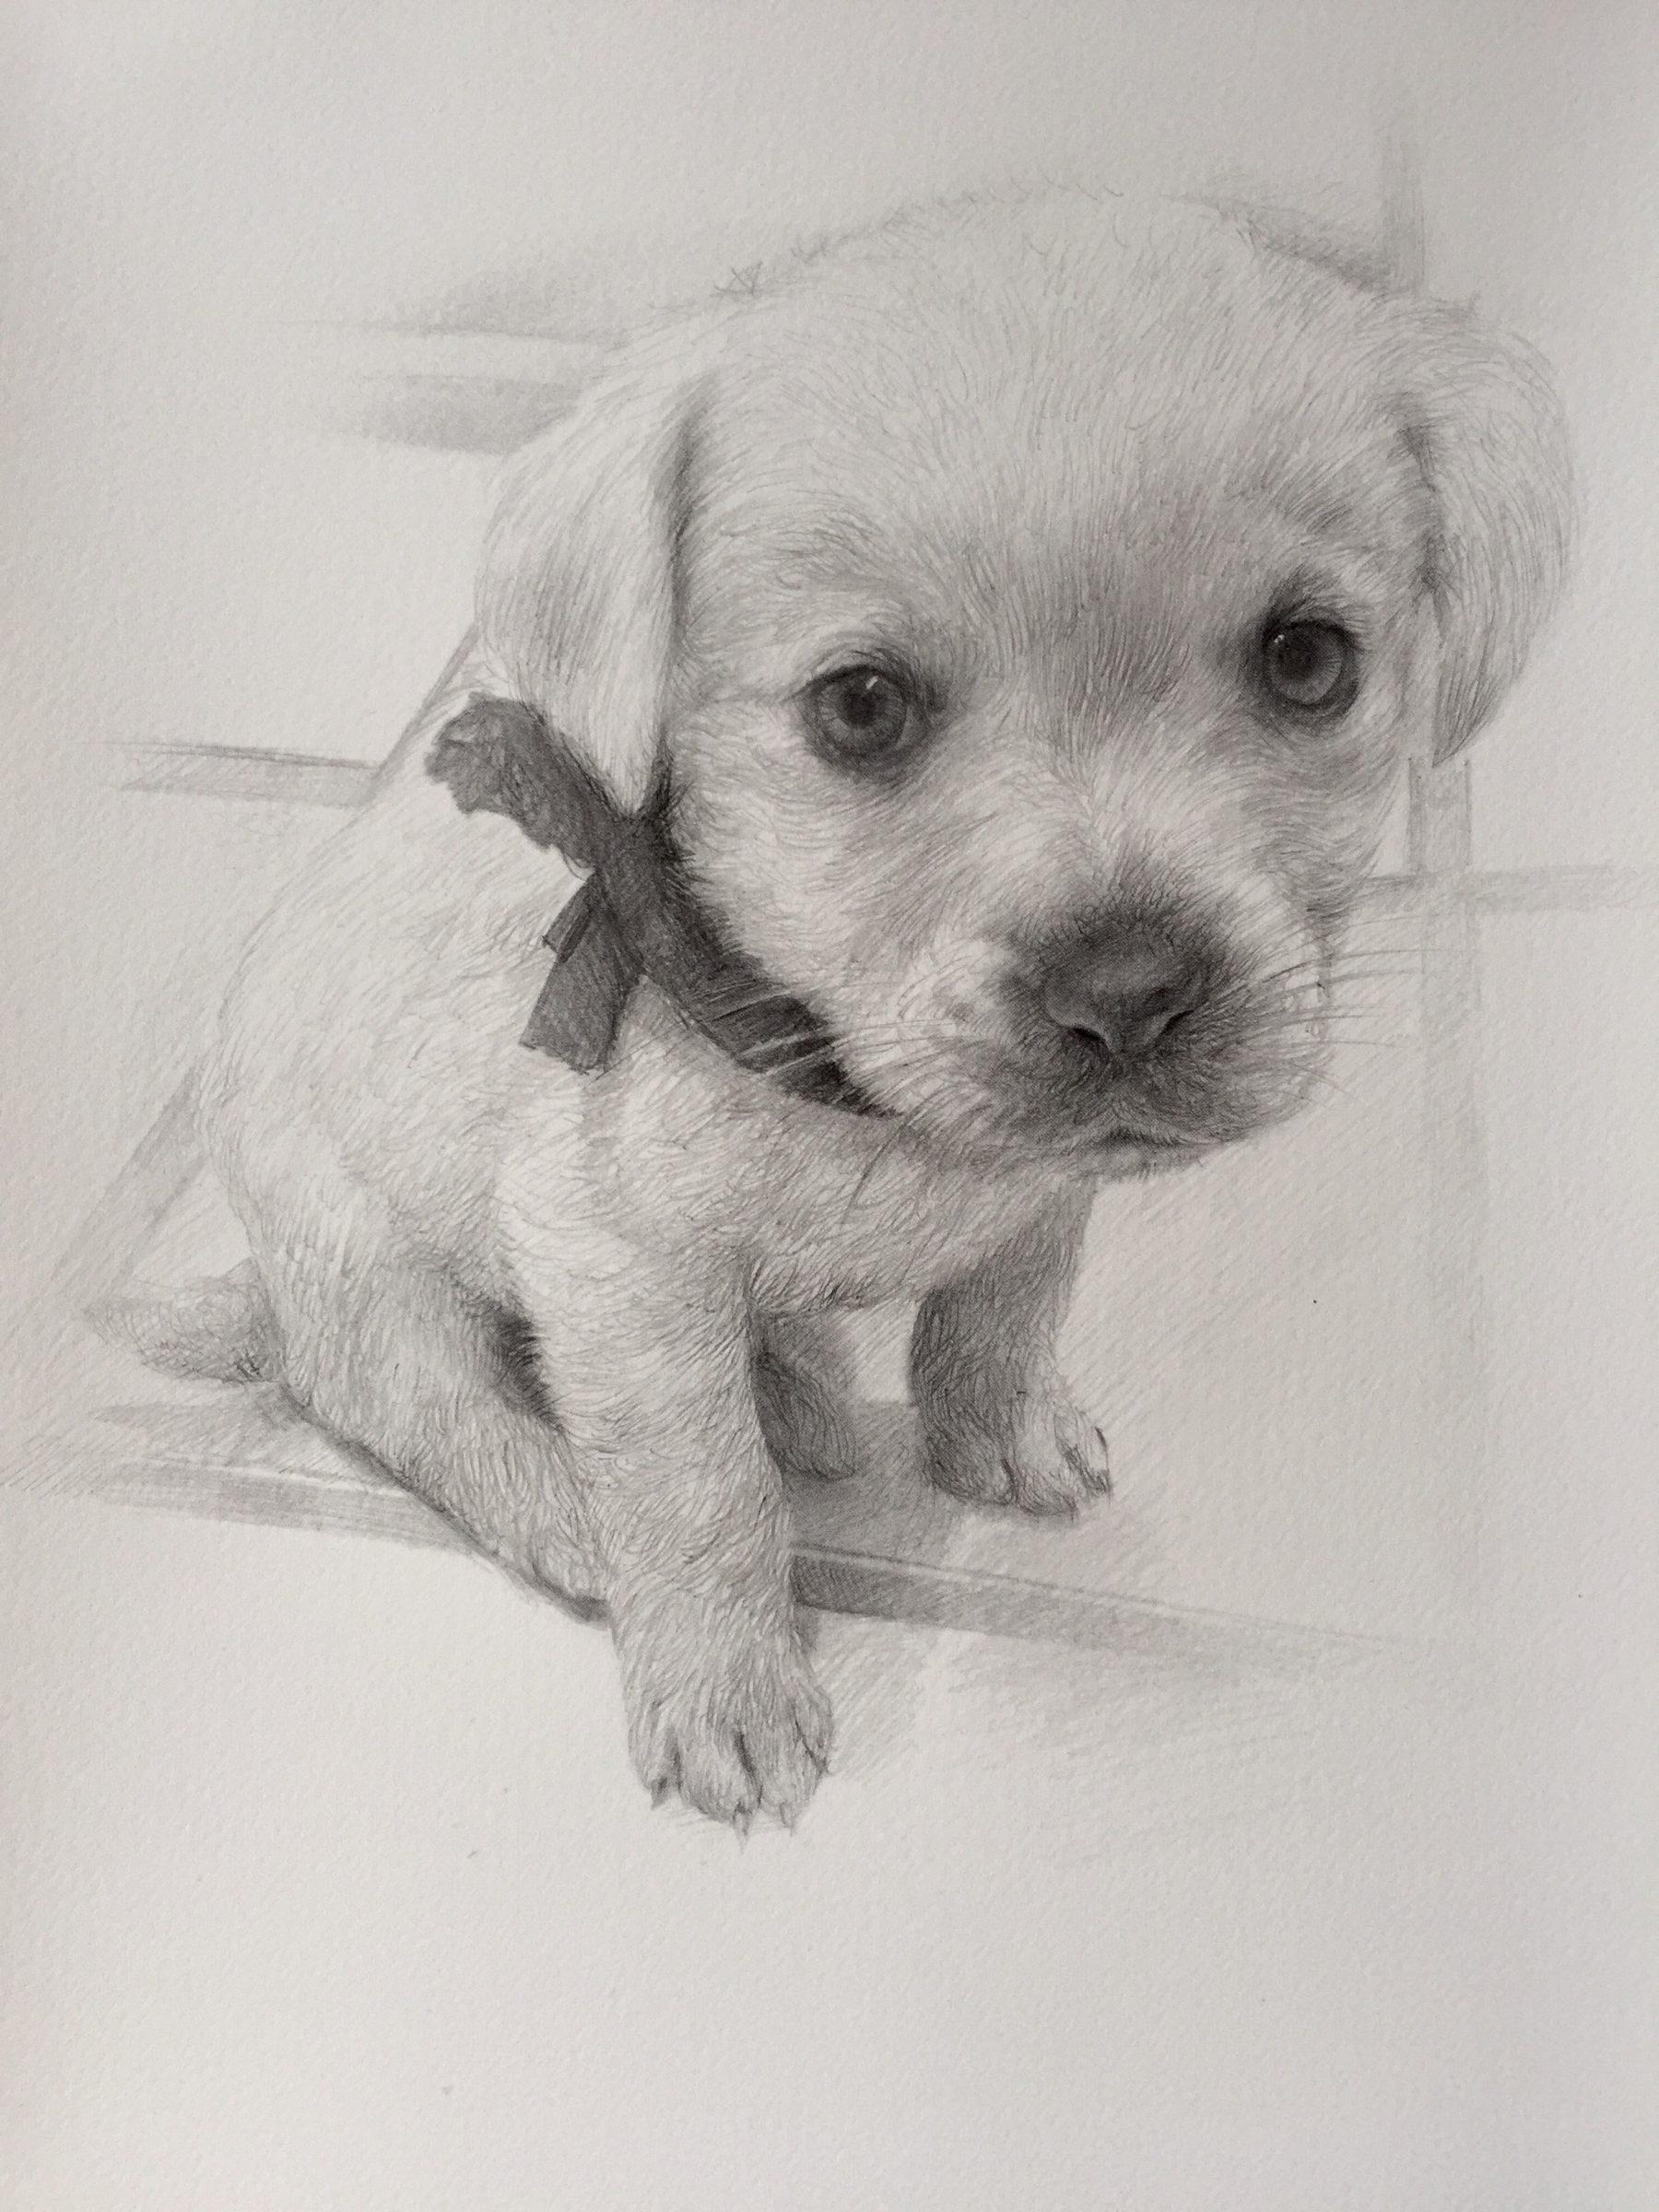 retratos-por-encargo-66-e1488873293146